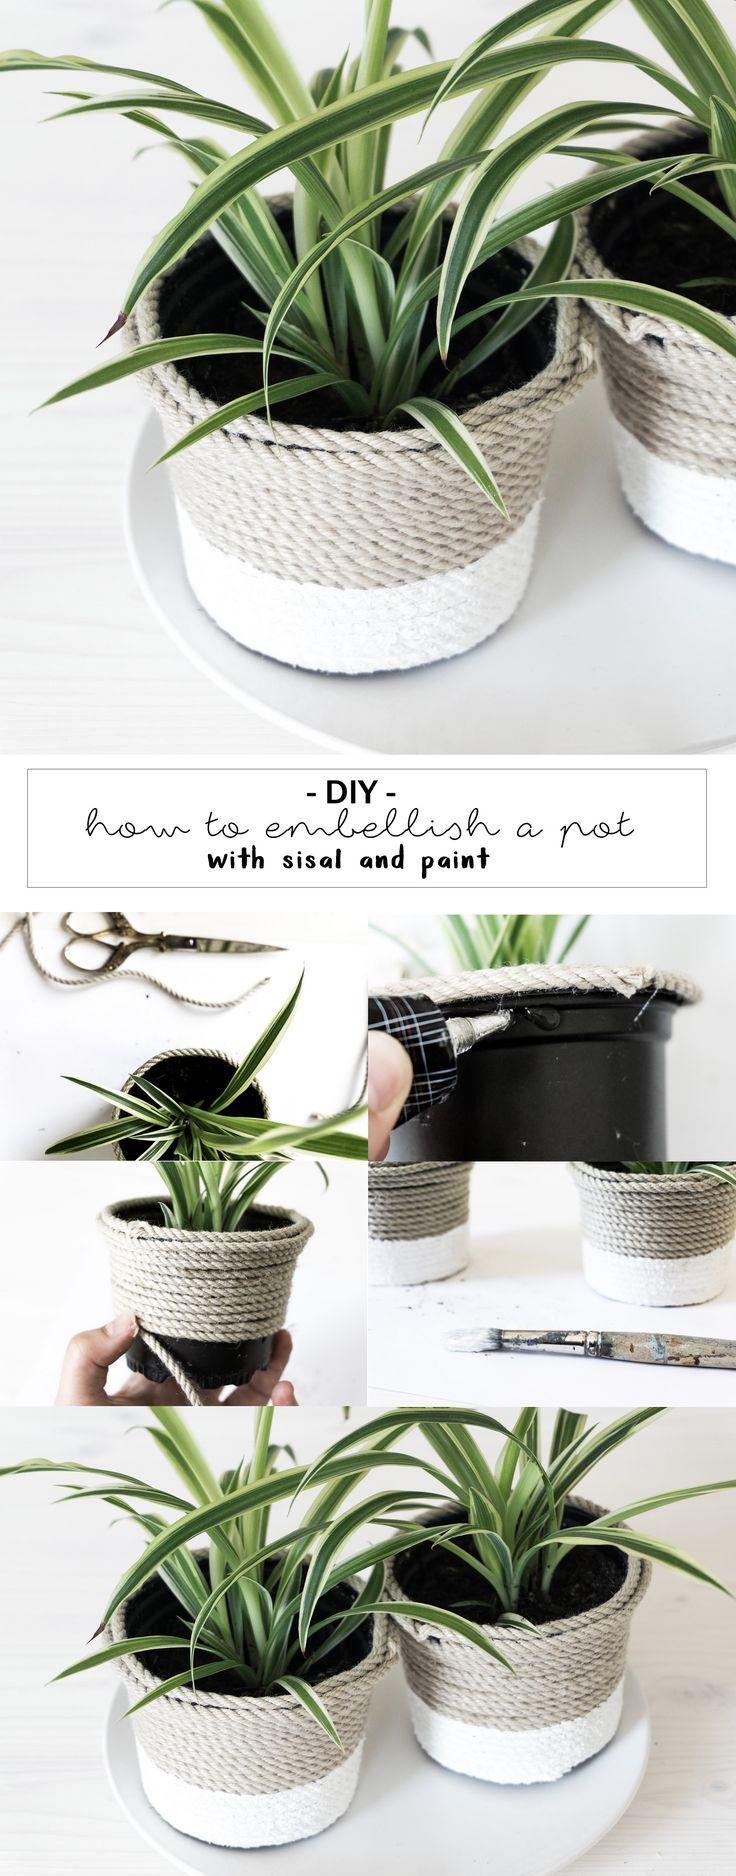 die besten 20 vasen ideen auf pinterest pflanzen dekor vase ideen und kleines b ro dekoration. Black Bedroom Furniture Sets. Home Design Ideas